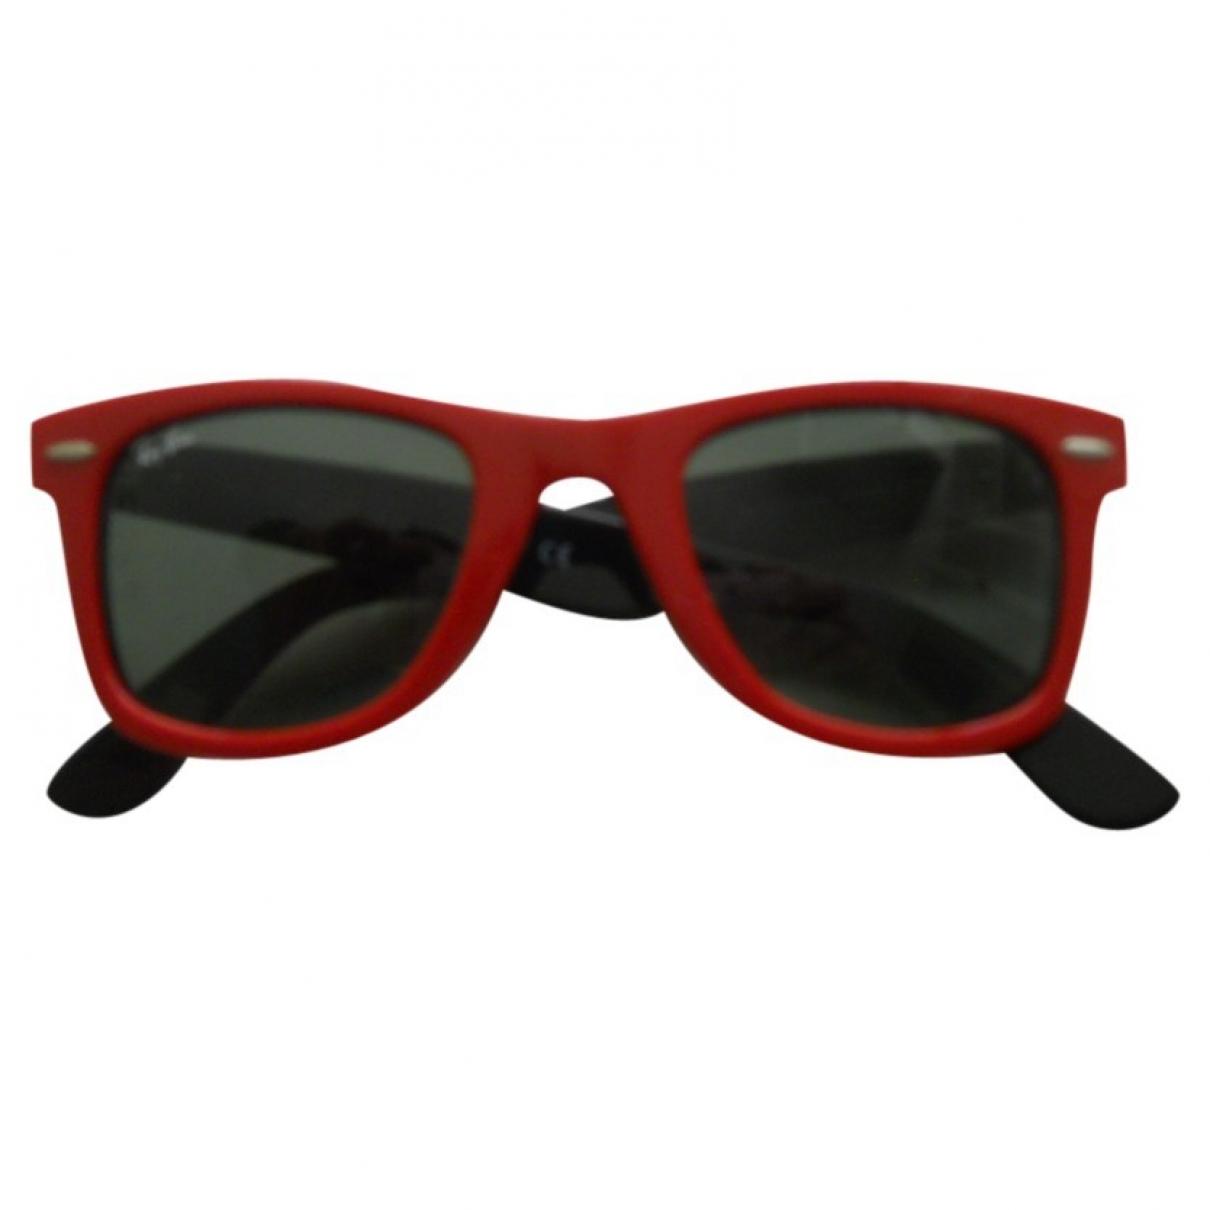 Ray-ban - Lunettes Original Wayfarer pour femme - rouge